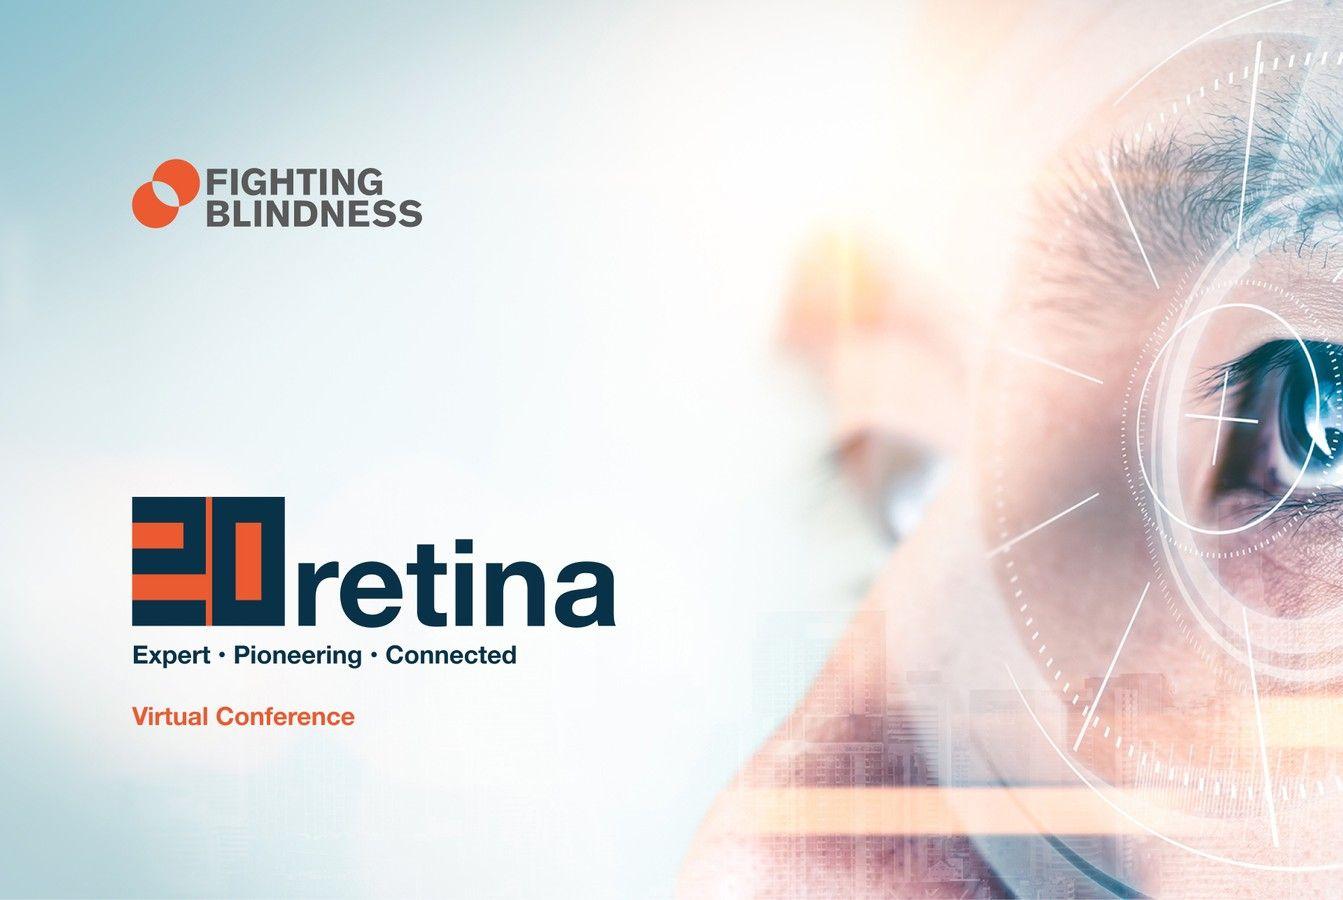 Fighting Blindness Marketing Banner